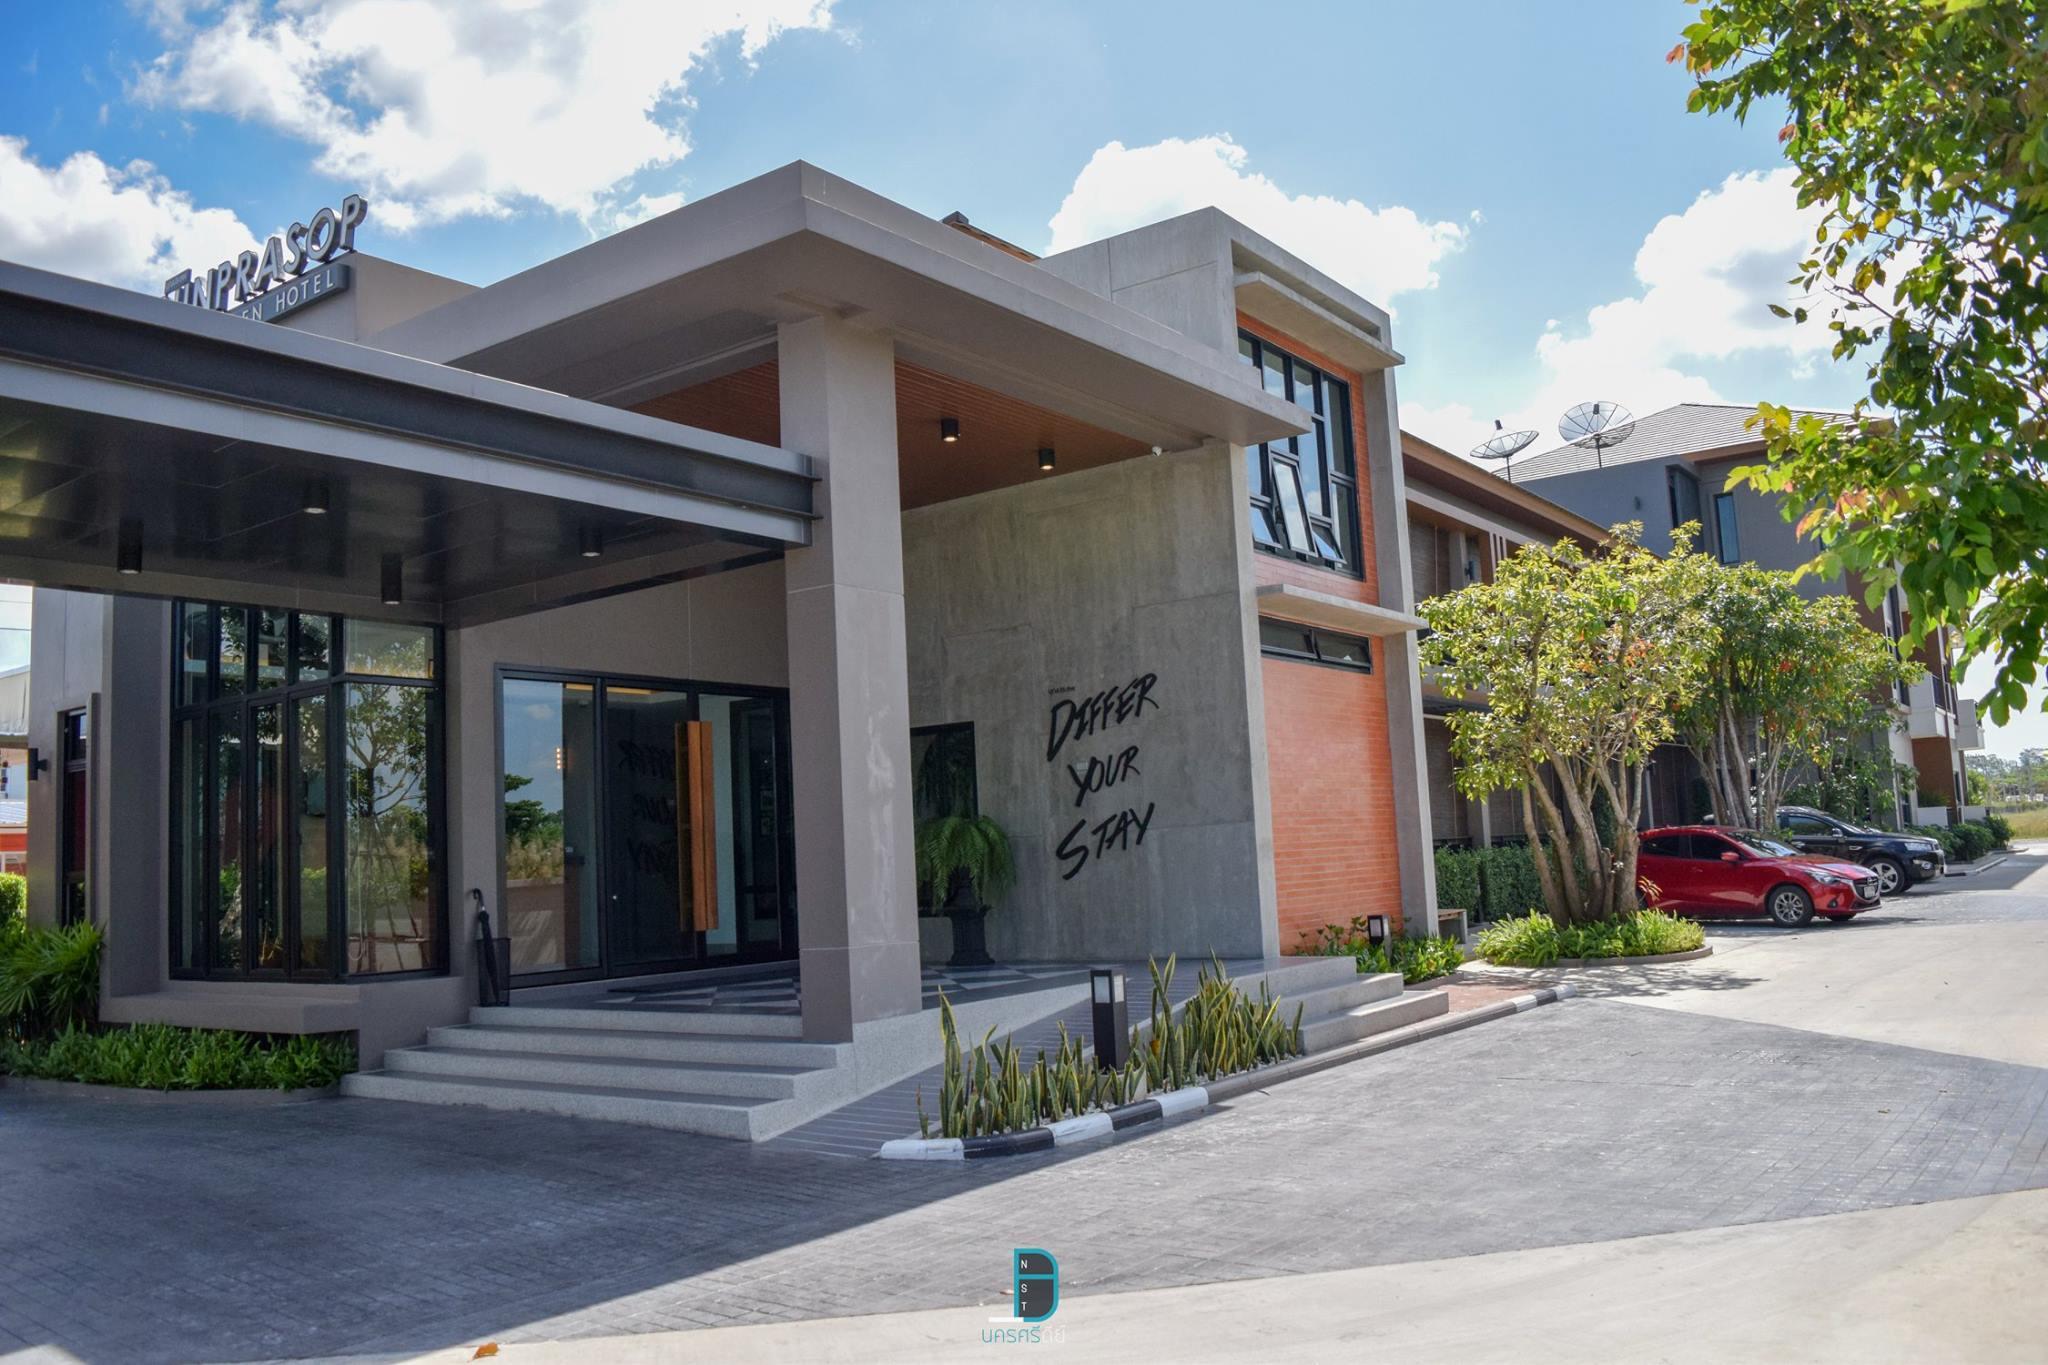 เรามีโรงแรมที่พักสวยๆมากมาย พิกัด-:-โรงแรมบุญประสพ-?-ที่-Bunprasop-Garden-Hotel นครศรีธรรมราช,มีอะไรบ้าง,สถานที่ท่องเที่ยว,ร้านอร่อย,ของกิน